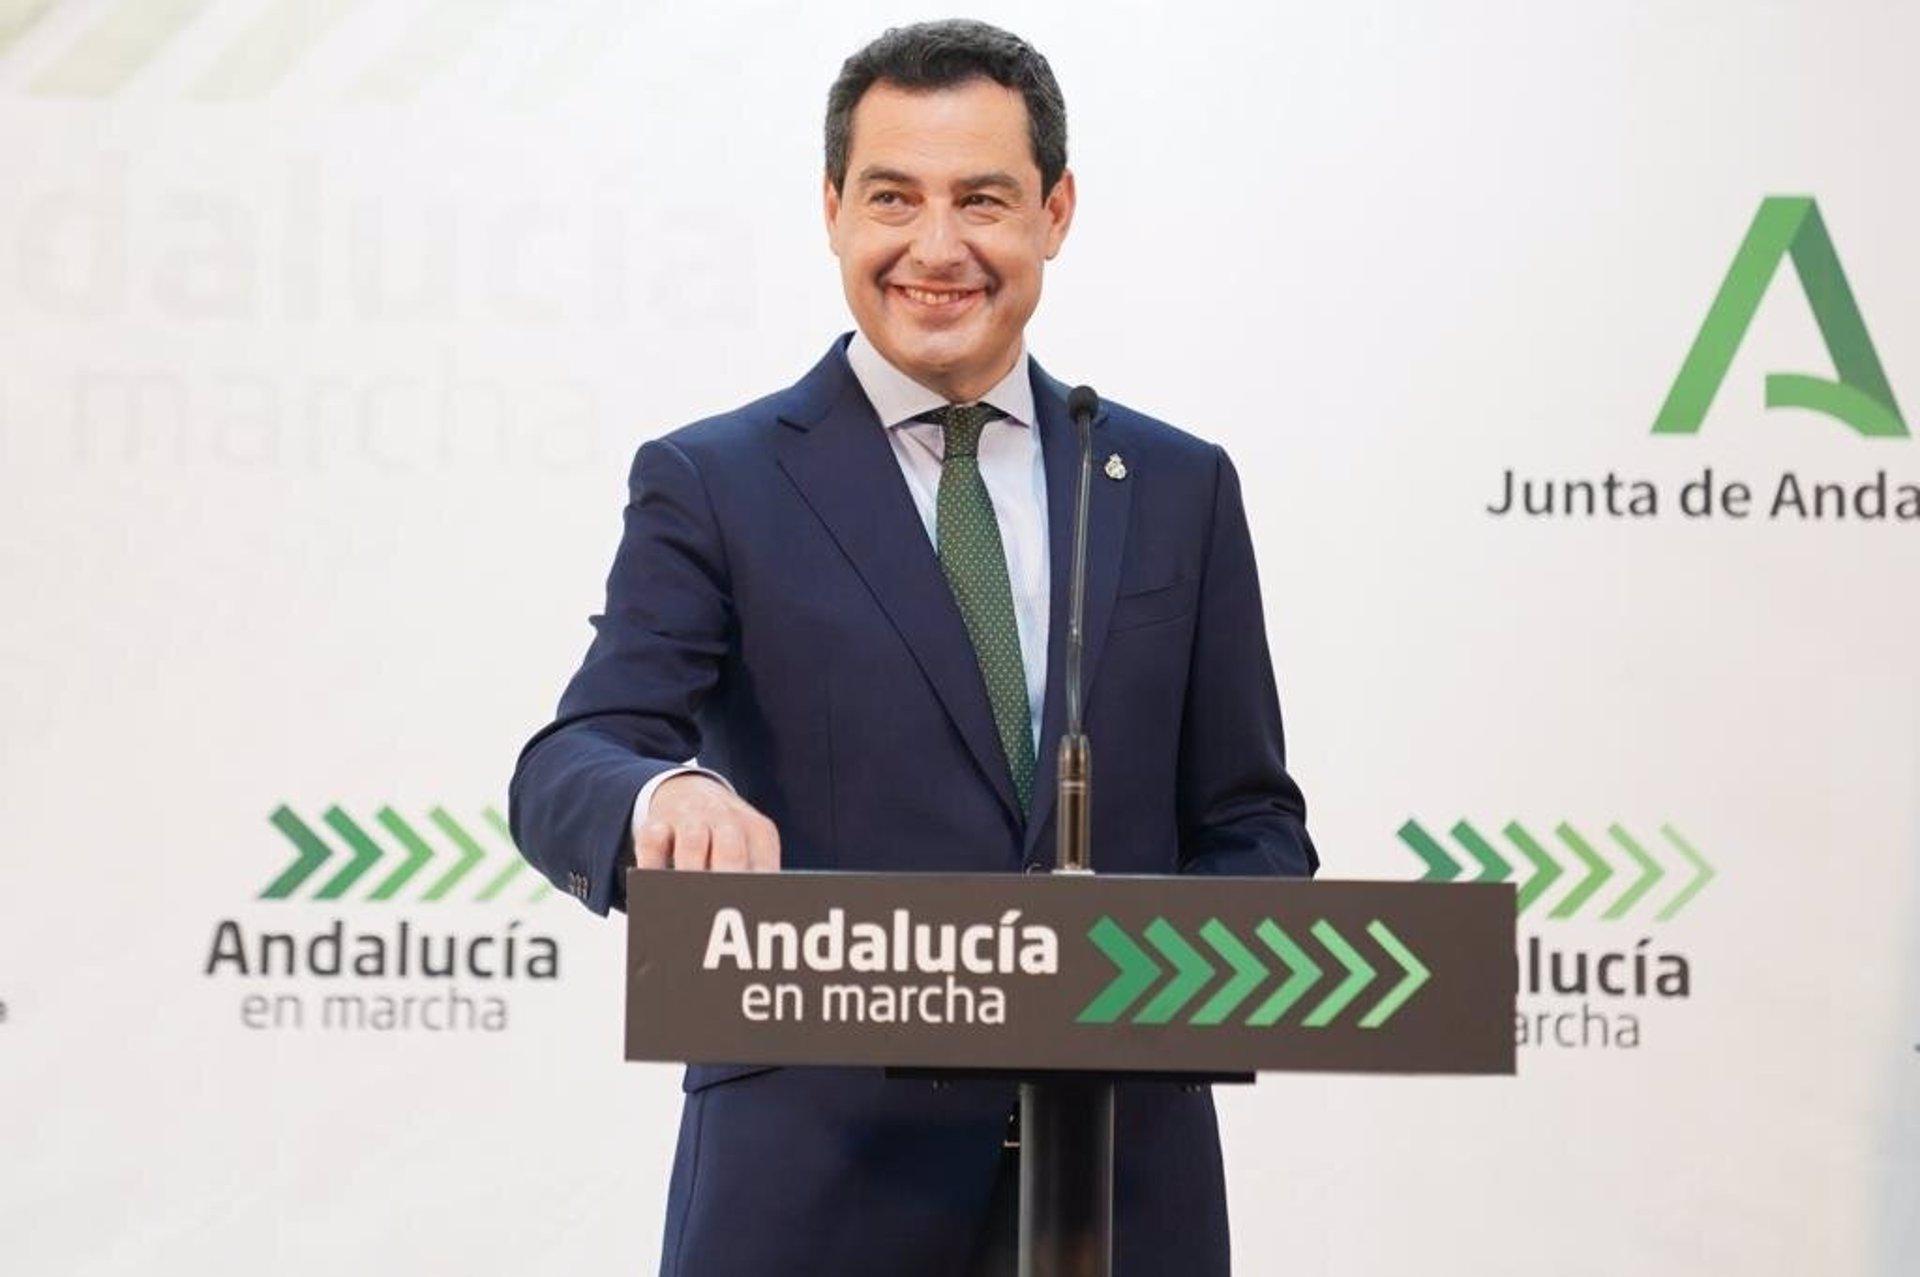 PSOE ganaría en Andalucía con medio punto sobre el PP, que repetiría mayoría con Vox y Cs, según un sondeo de La Razón